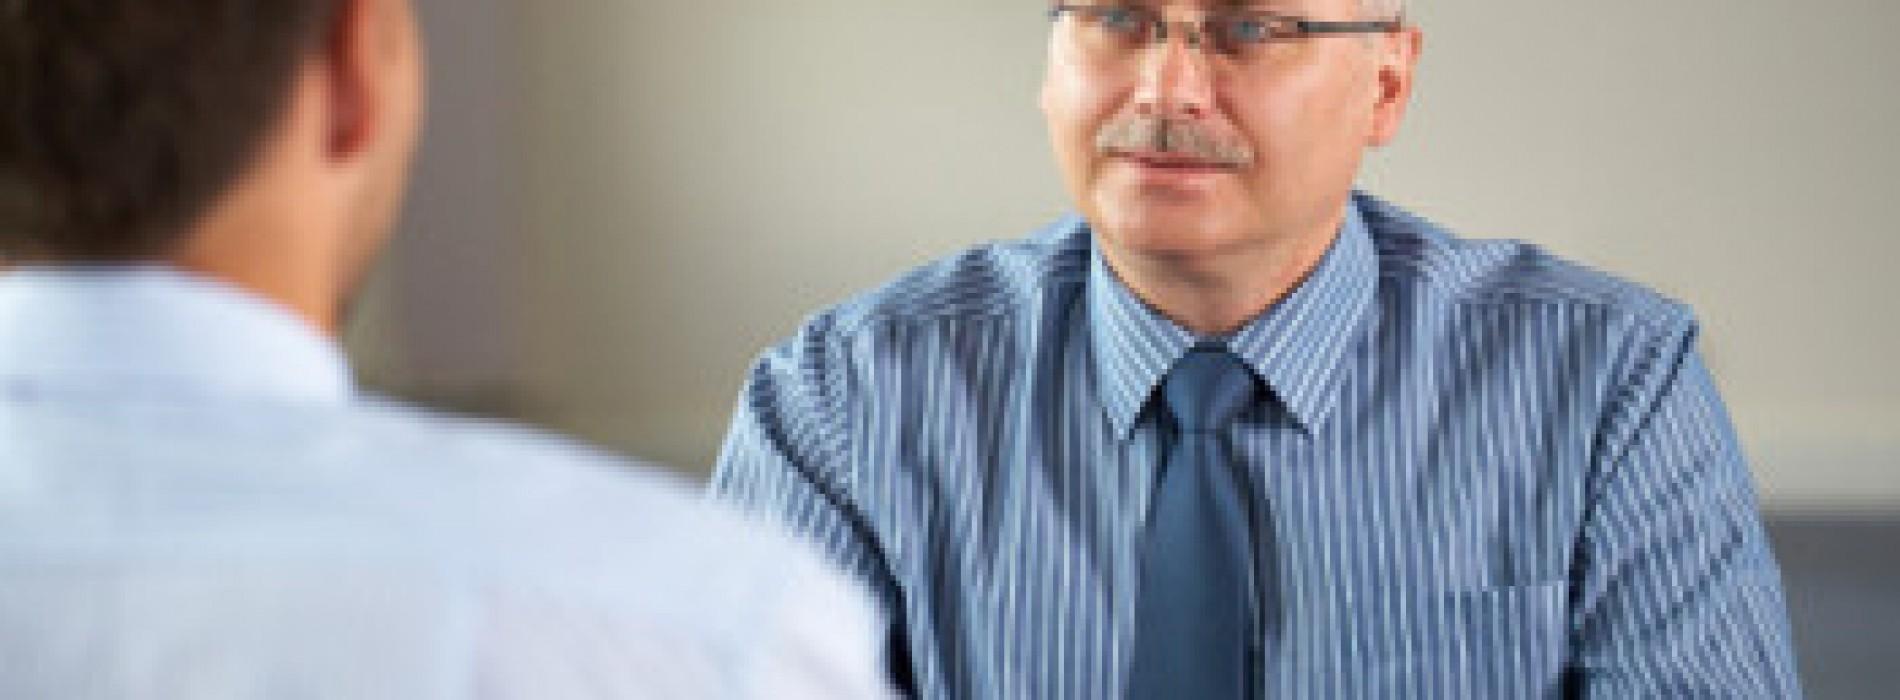 50+ na rynku pracy. Bariery i korzyści z zatrudniania osób dojrzałych i starszych.